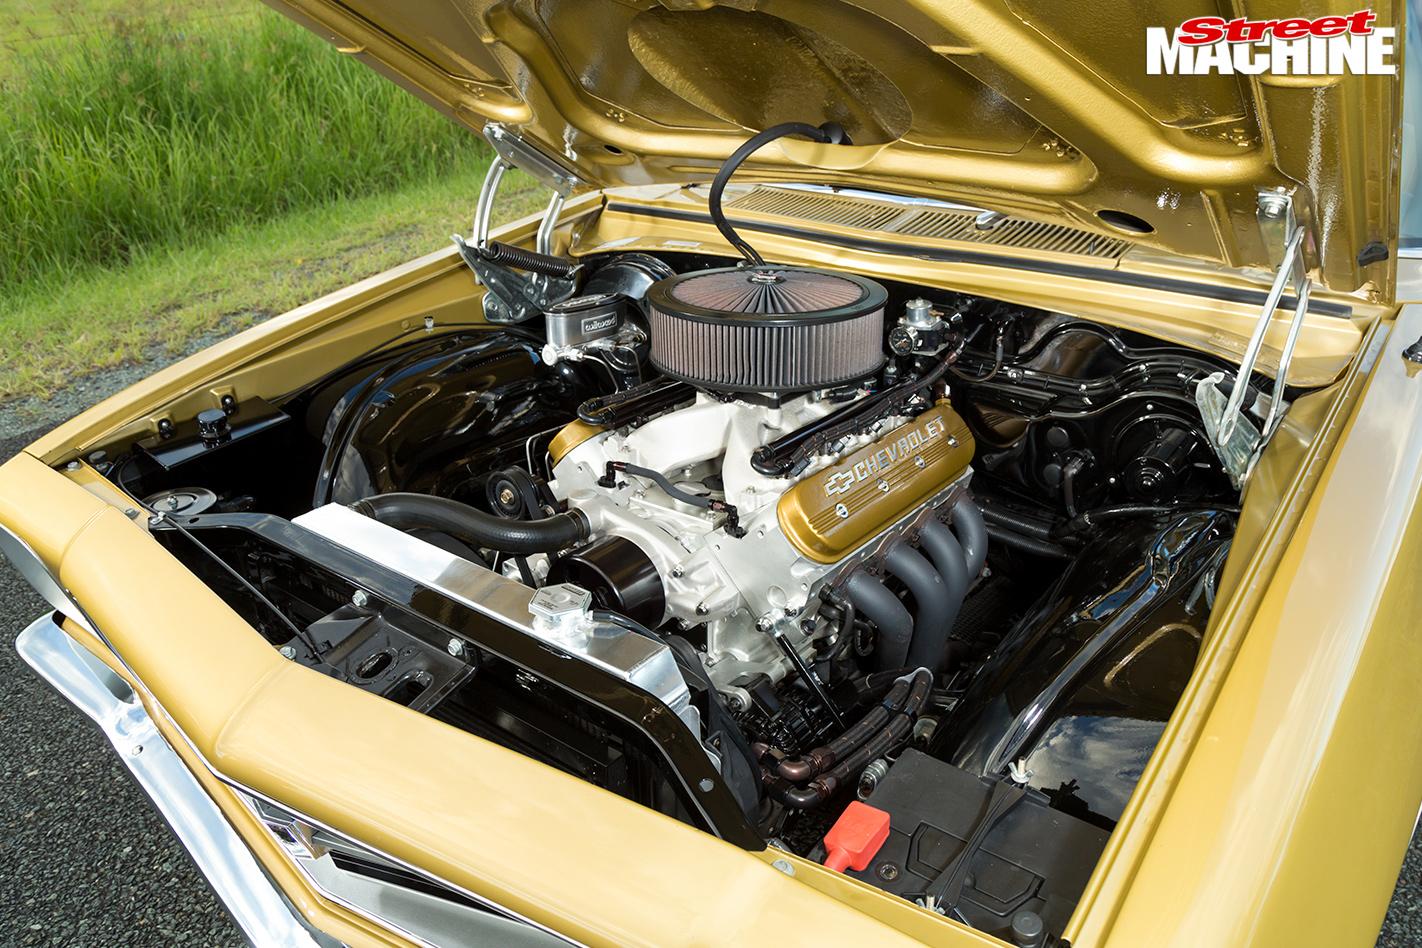 Holden -HQ-Kingswood -engine -bay